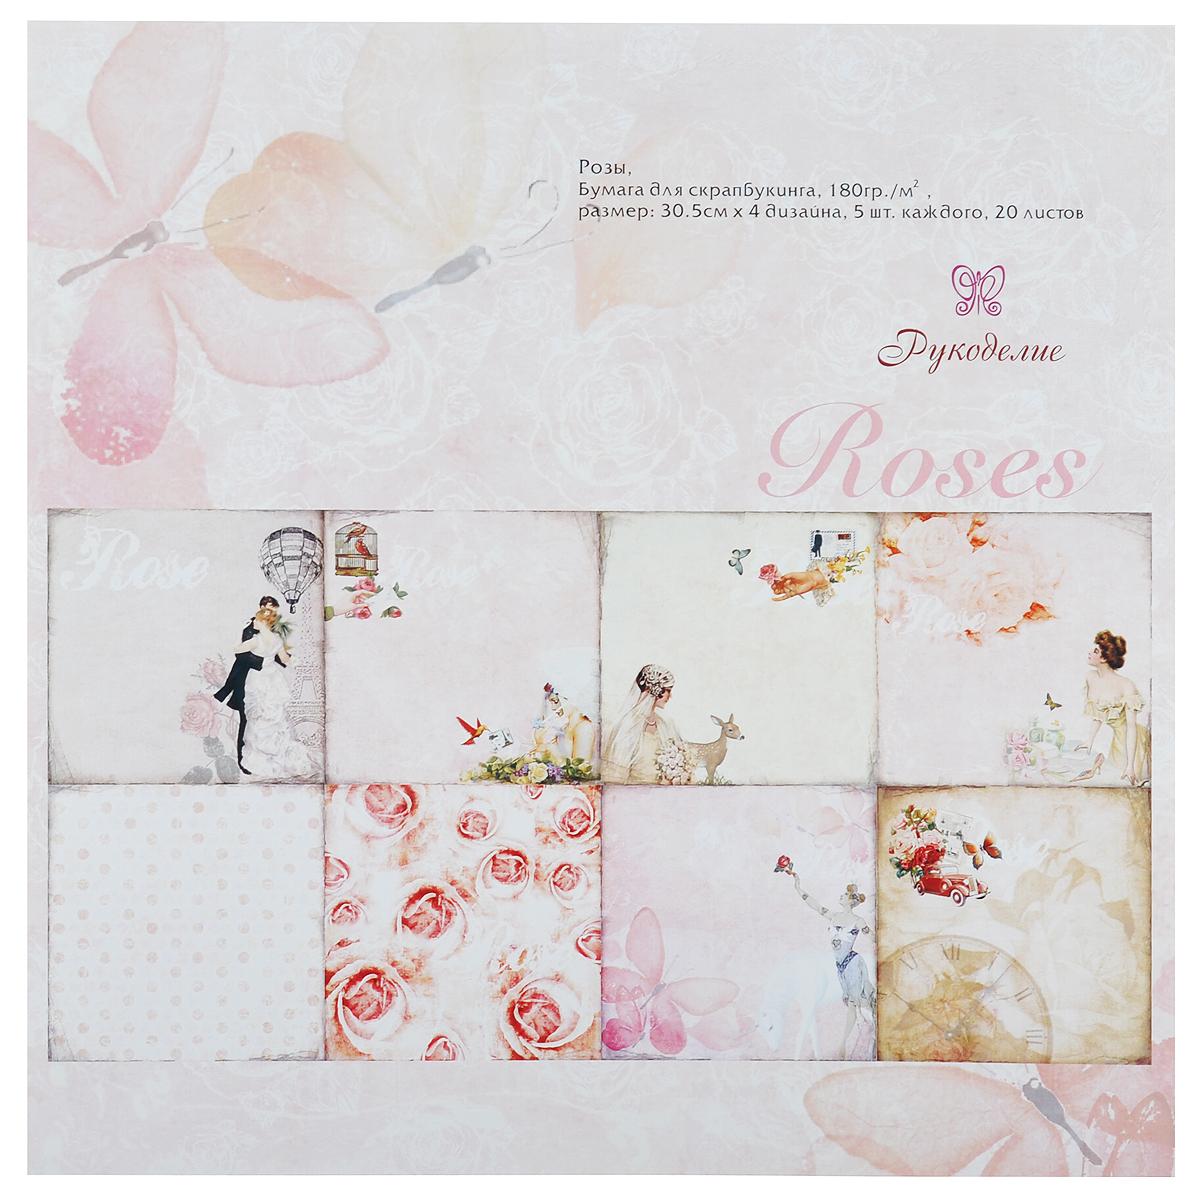 Набор бумаги для скрапбукинга Розы, 30,5 см х 30,5 см, 20 листов693197Набор бумаги для скрапбукинга Розы позволит создать красивый альбом, фоторамку или открытку ручной работы, оформить подарок или аппликацию. Набор включает 20 листов из плотной бумаги: 4 дизайна по 5 листов. Листы с двухсторонним рисунком. Скрапбукинг - это хобби, которое способно приносить массу приятных эмоций не только человеку, который этим занимается, но и его близким, друзьям, родным. Это невероятно увлекательное занятие, которое поможет вам сохранить наиболее памятные и яркие моменты вашей жизни, а также интересно оформить интерьер дома.Размер бумаги: 30,5 см х 30,5 см. Плотность бумаги: 180 г/м2.